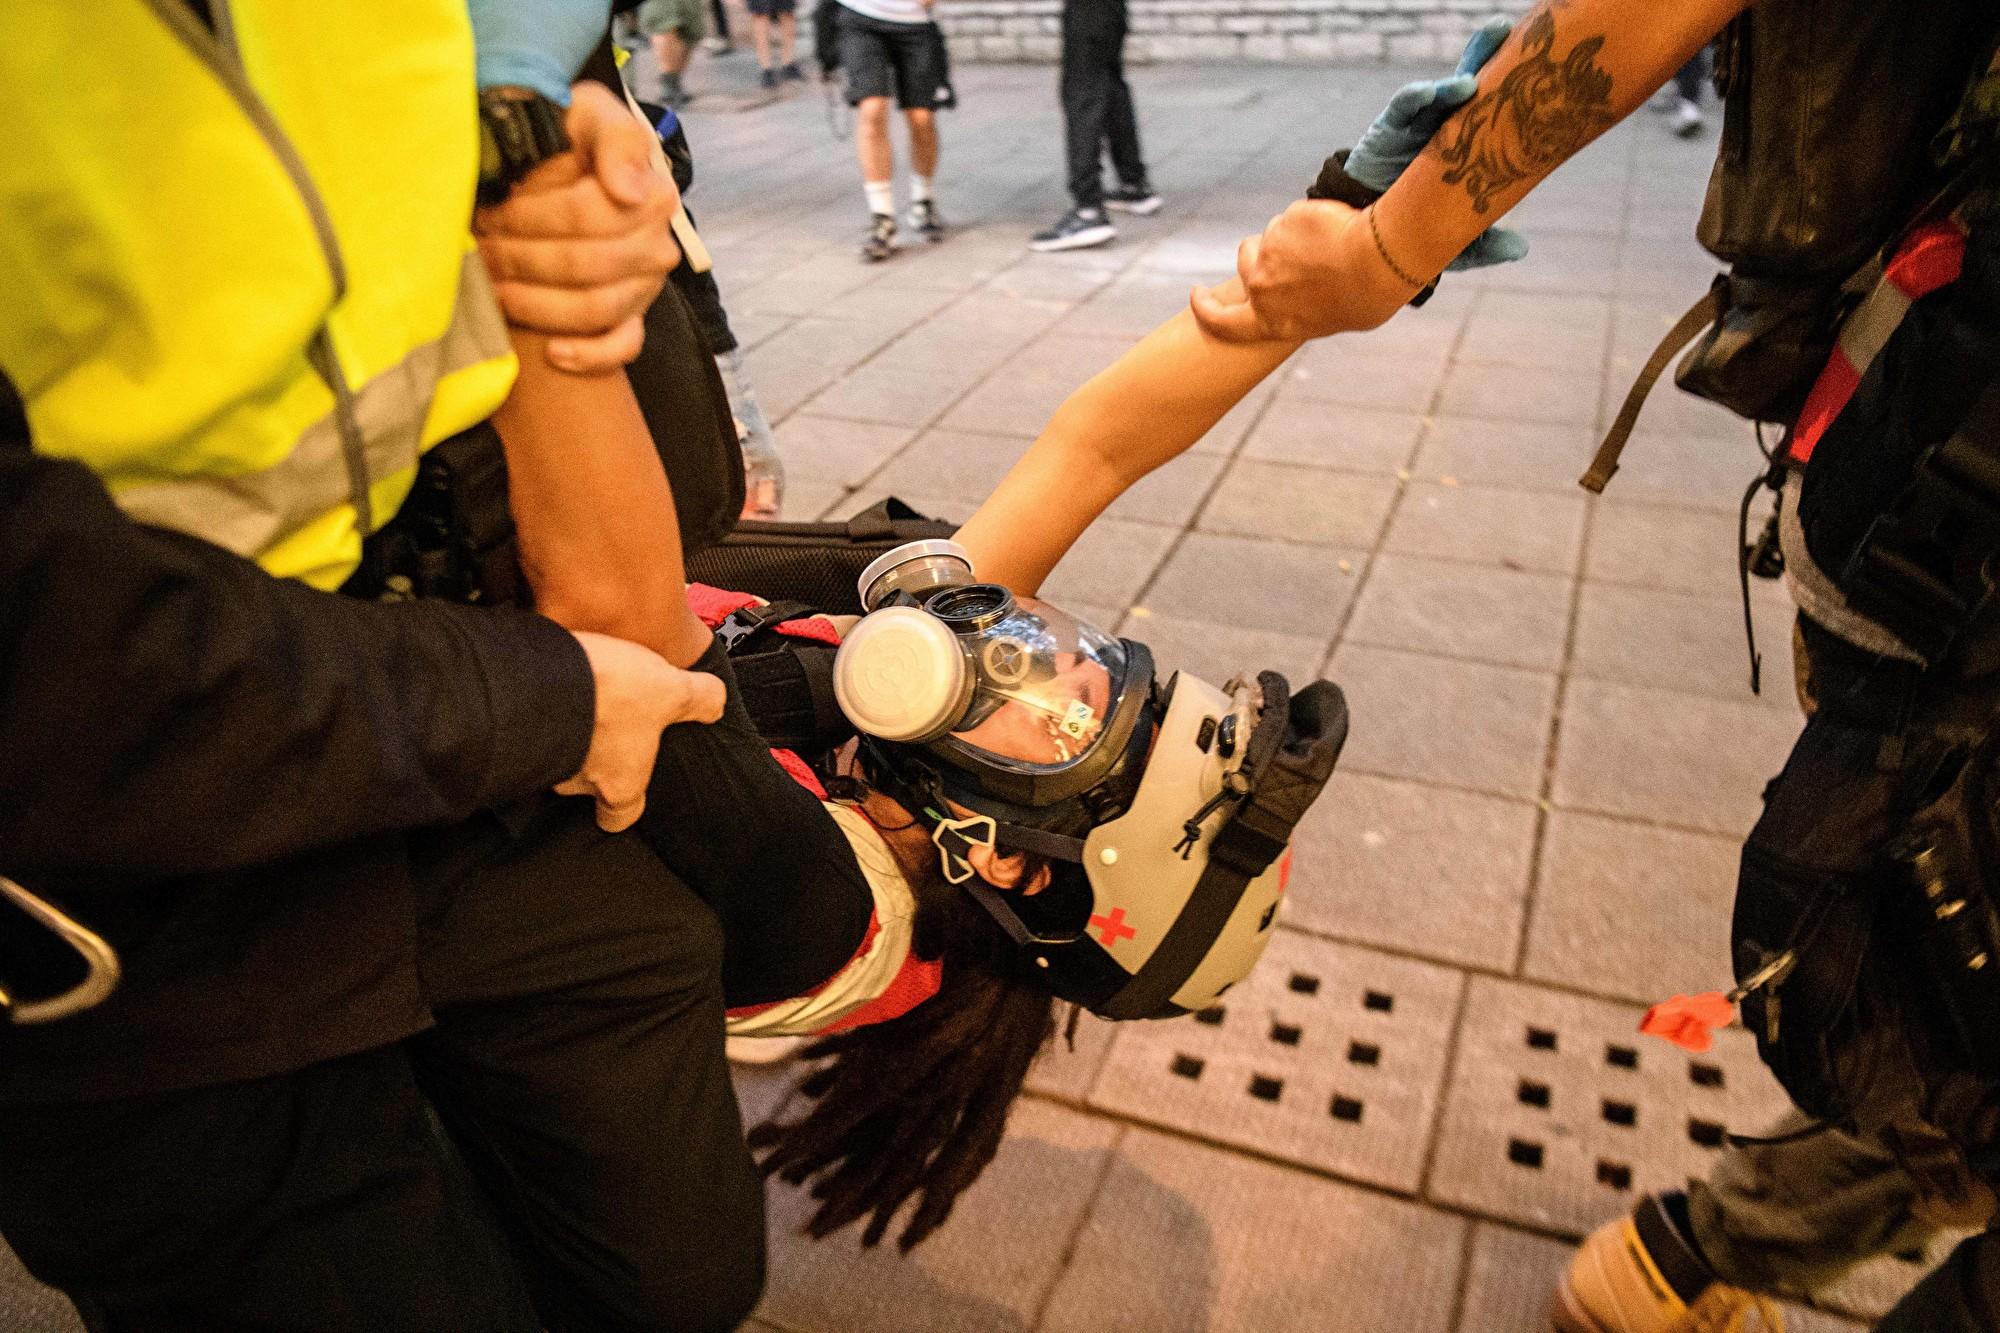 【8.11反送中組圖】港警瘋狂抓人 女孩嚴重受傷